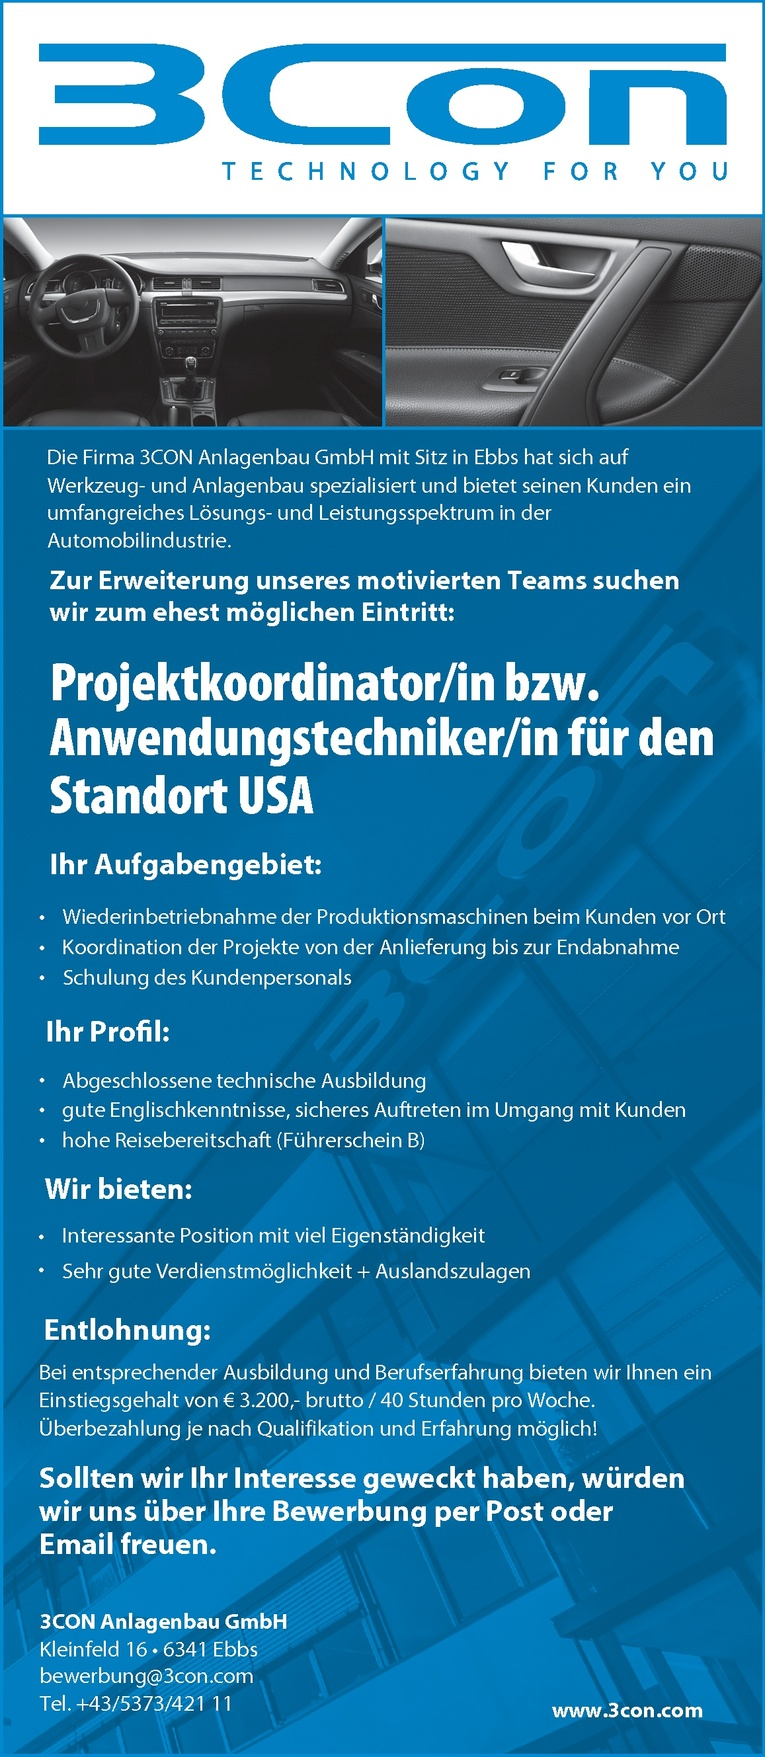 Projektkoordinator/in bzw. Anwendungstechniker/in für den Standort USA